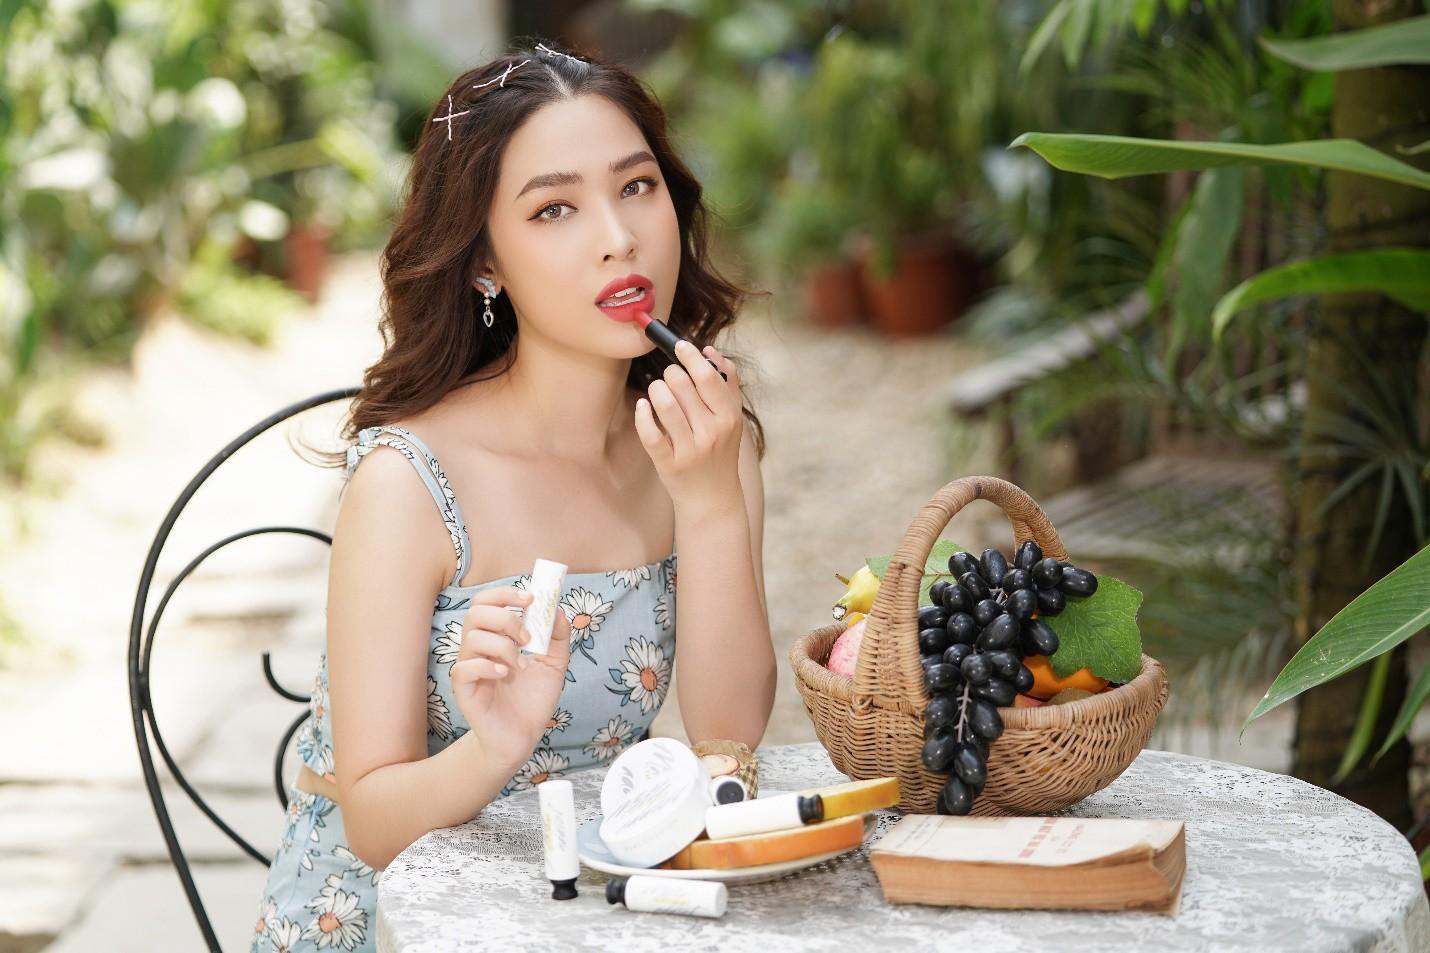 5 điều bạn nên biết về Lemonade - brand mỹ phẩm của người Việt gây sốt mùa hè này - Ảnh 2.